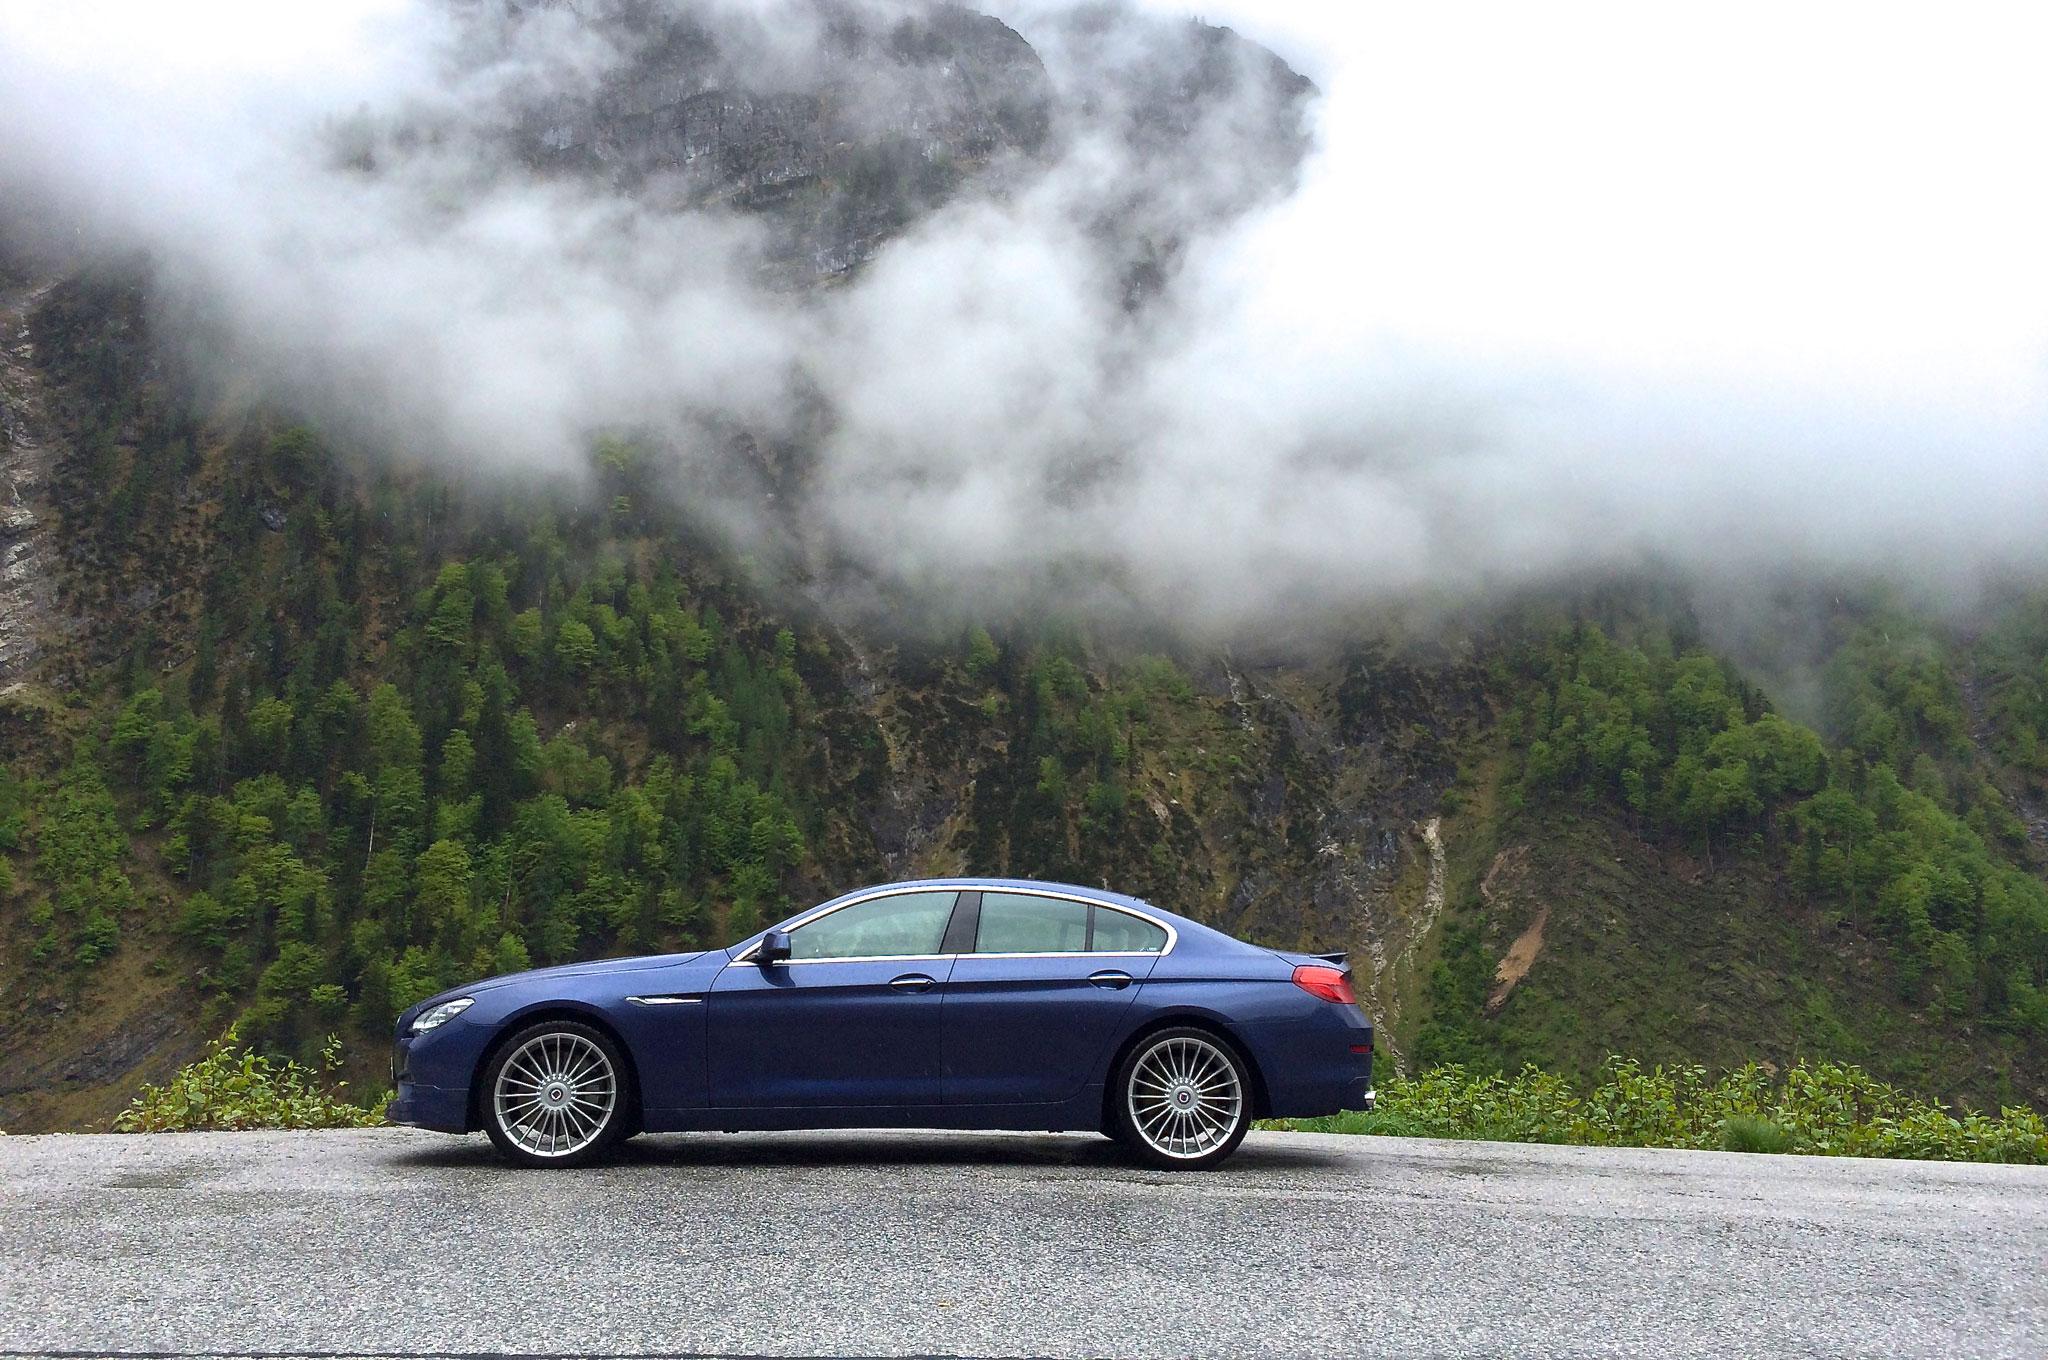 2015 BMW Alpina B6 XDrive Gran Coupe Side View2